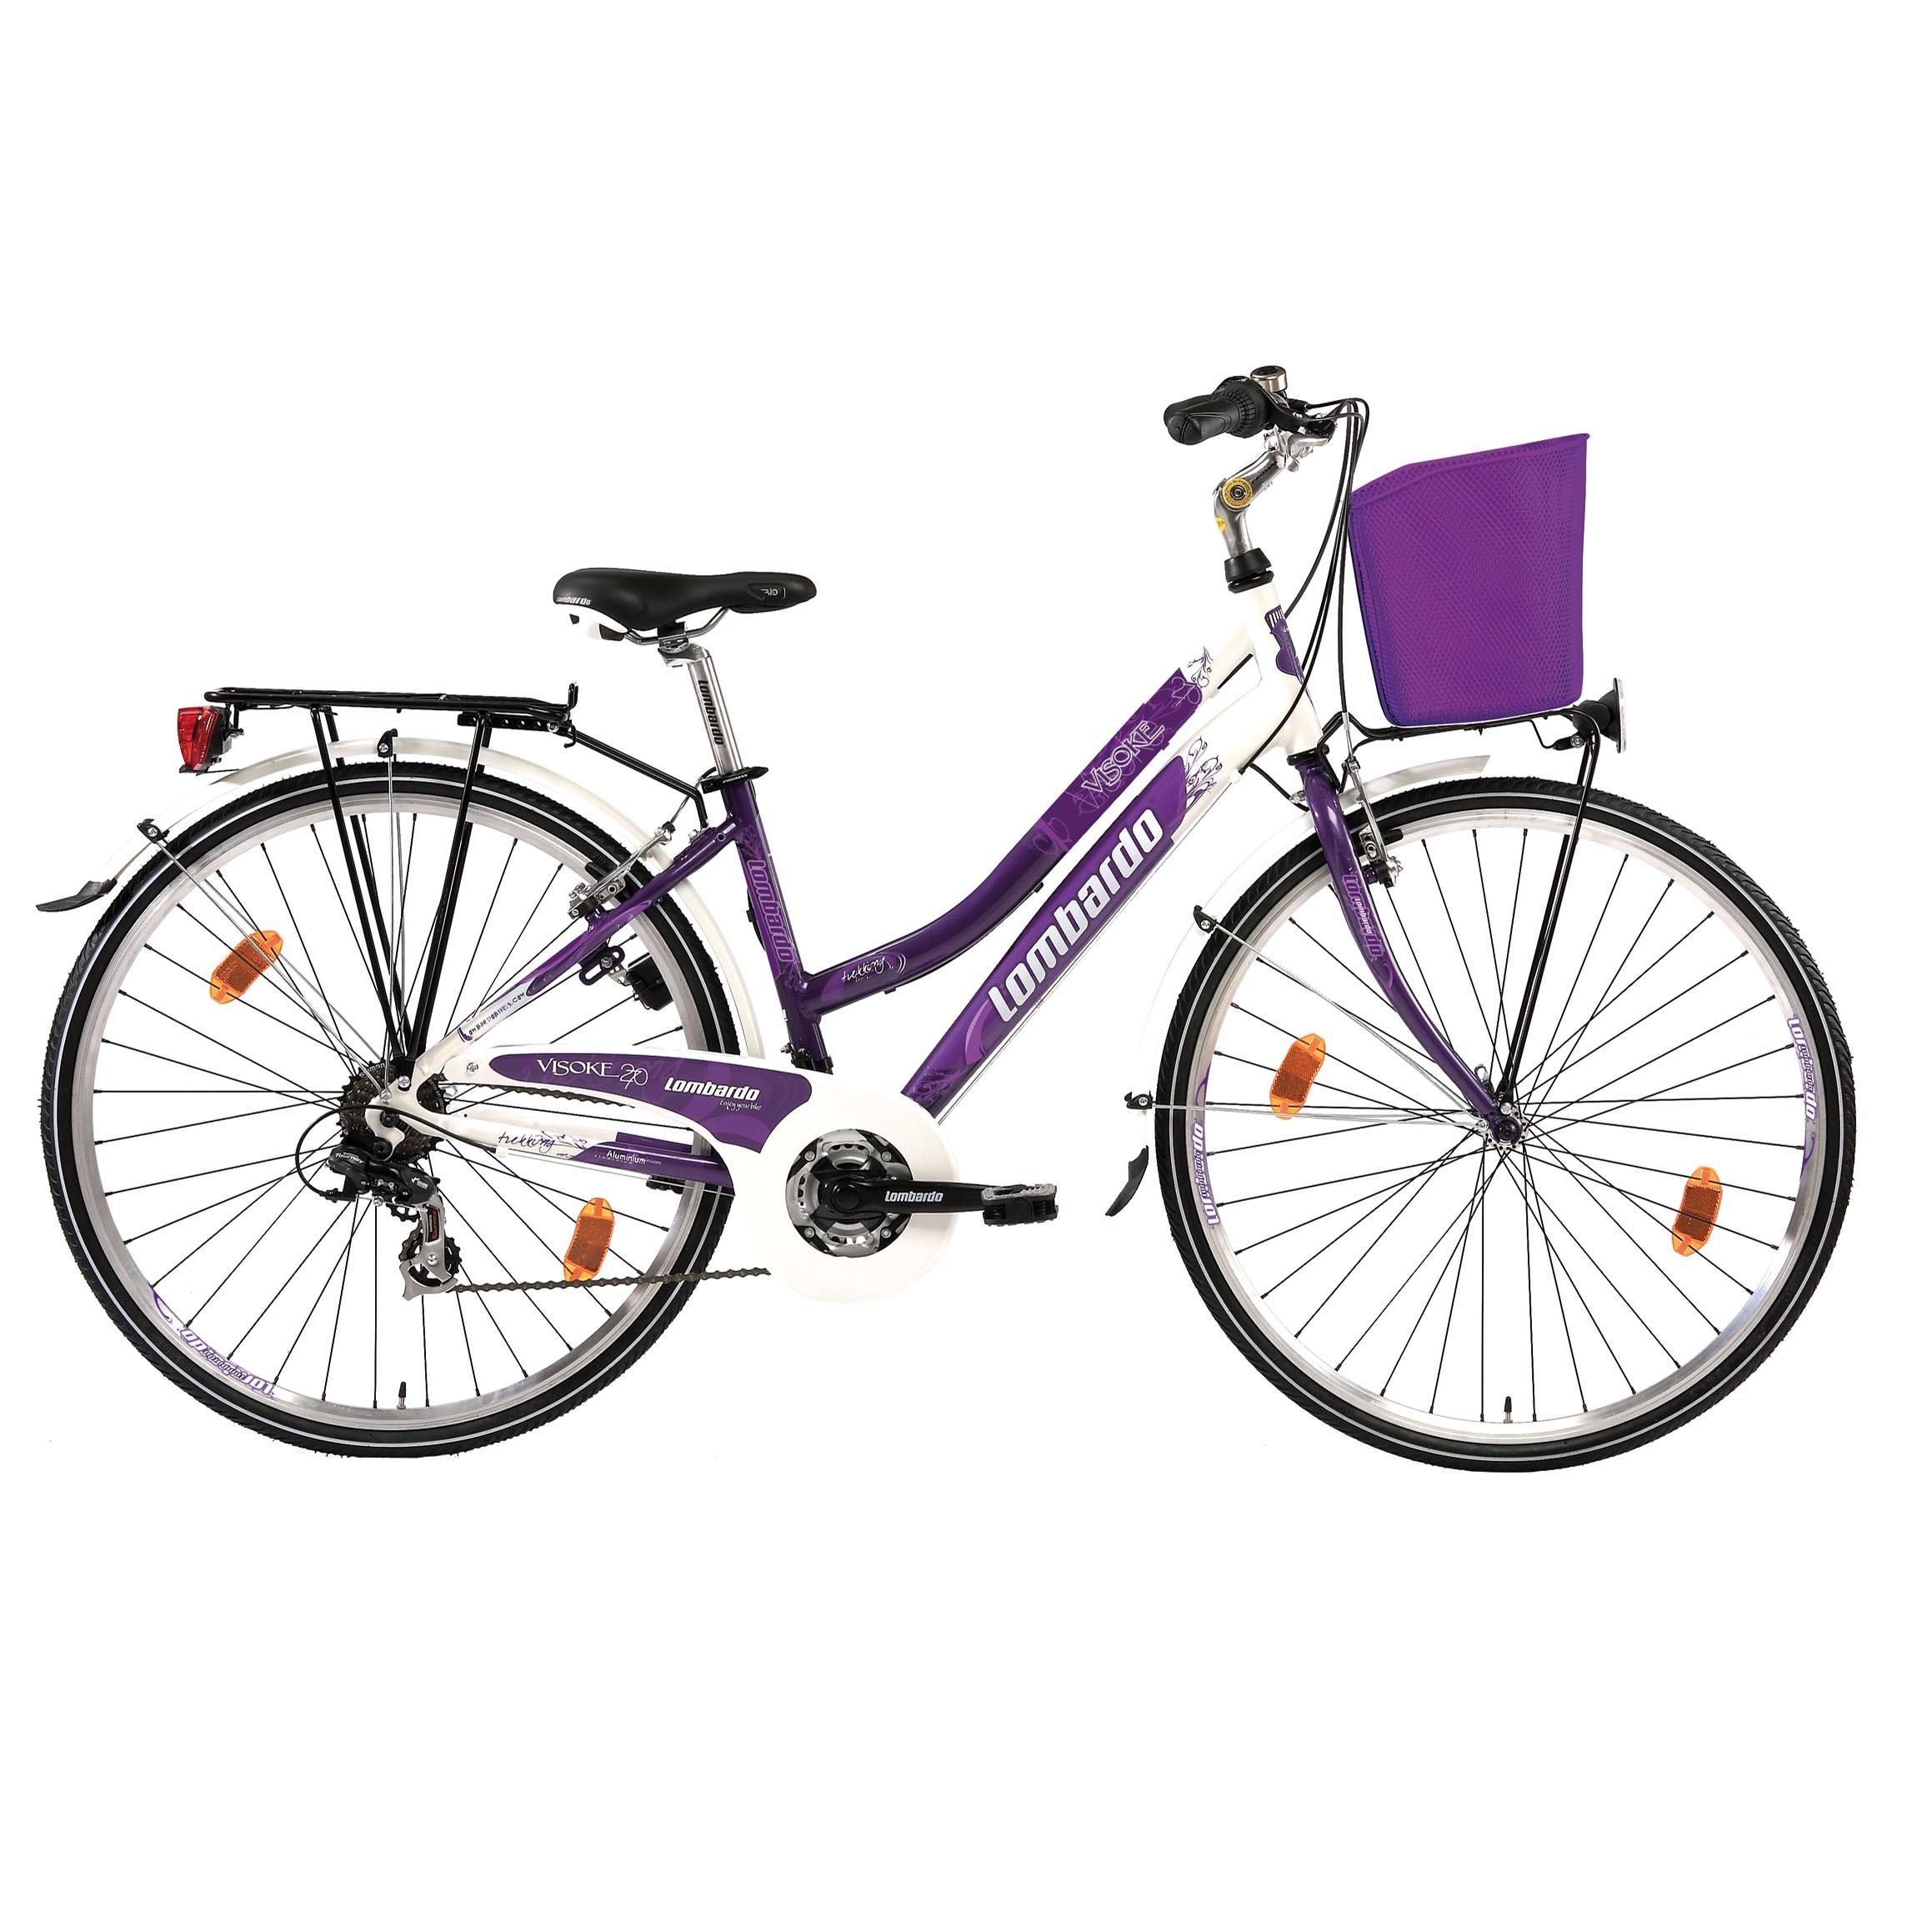 Lombardo Visoke Women's 19 inch Bike (Mutliple Colors)